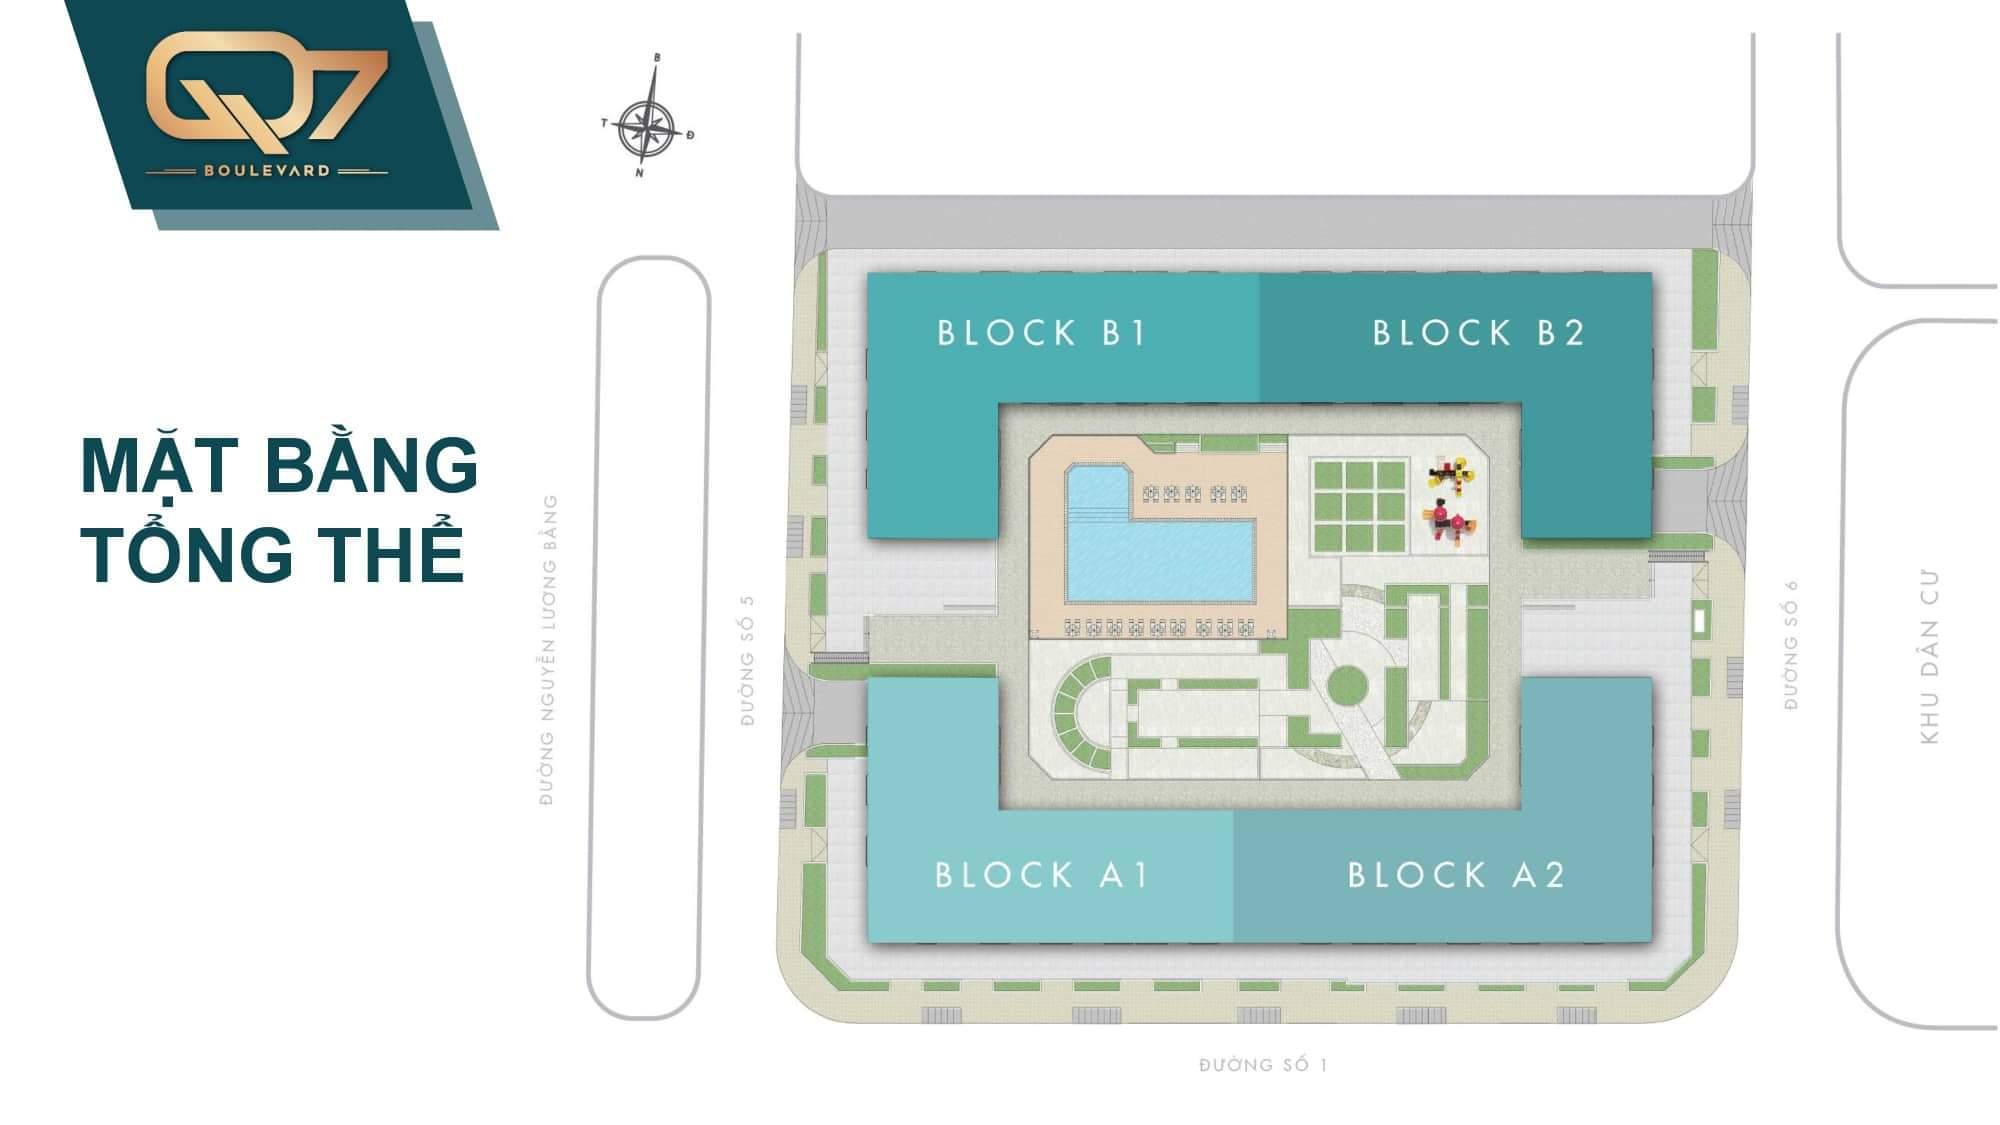 2 Q7 Boulevard - Saigon Urban Living-Chính thức nhận đặt chỗ: 50tr/căn hộ